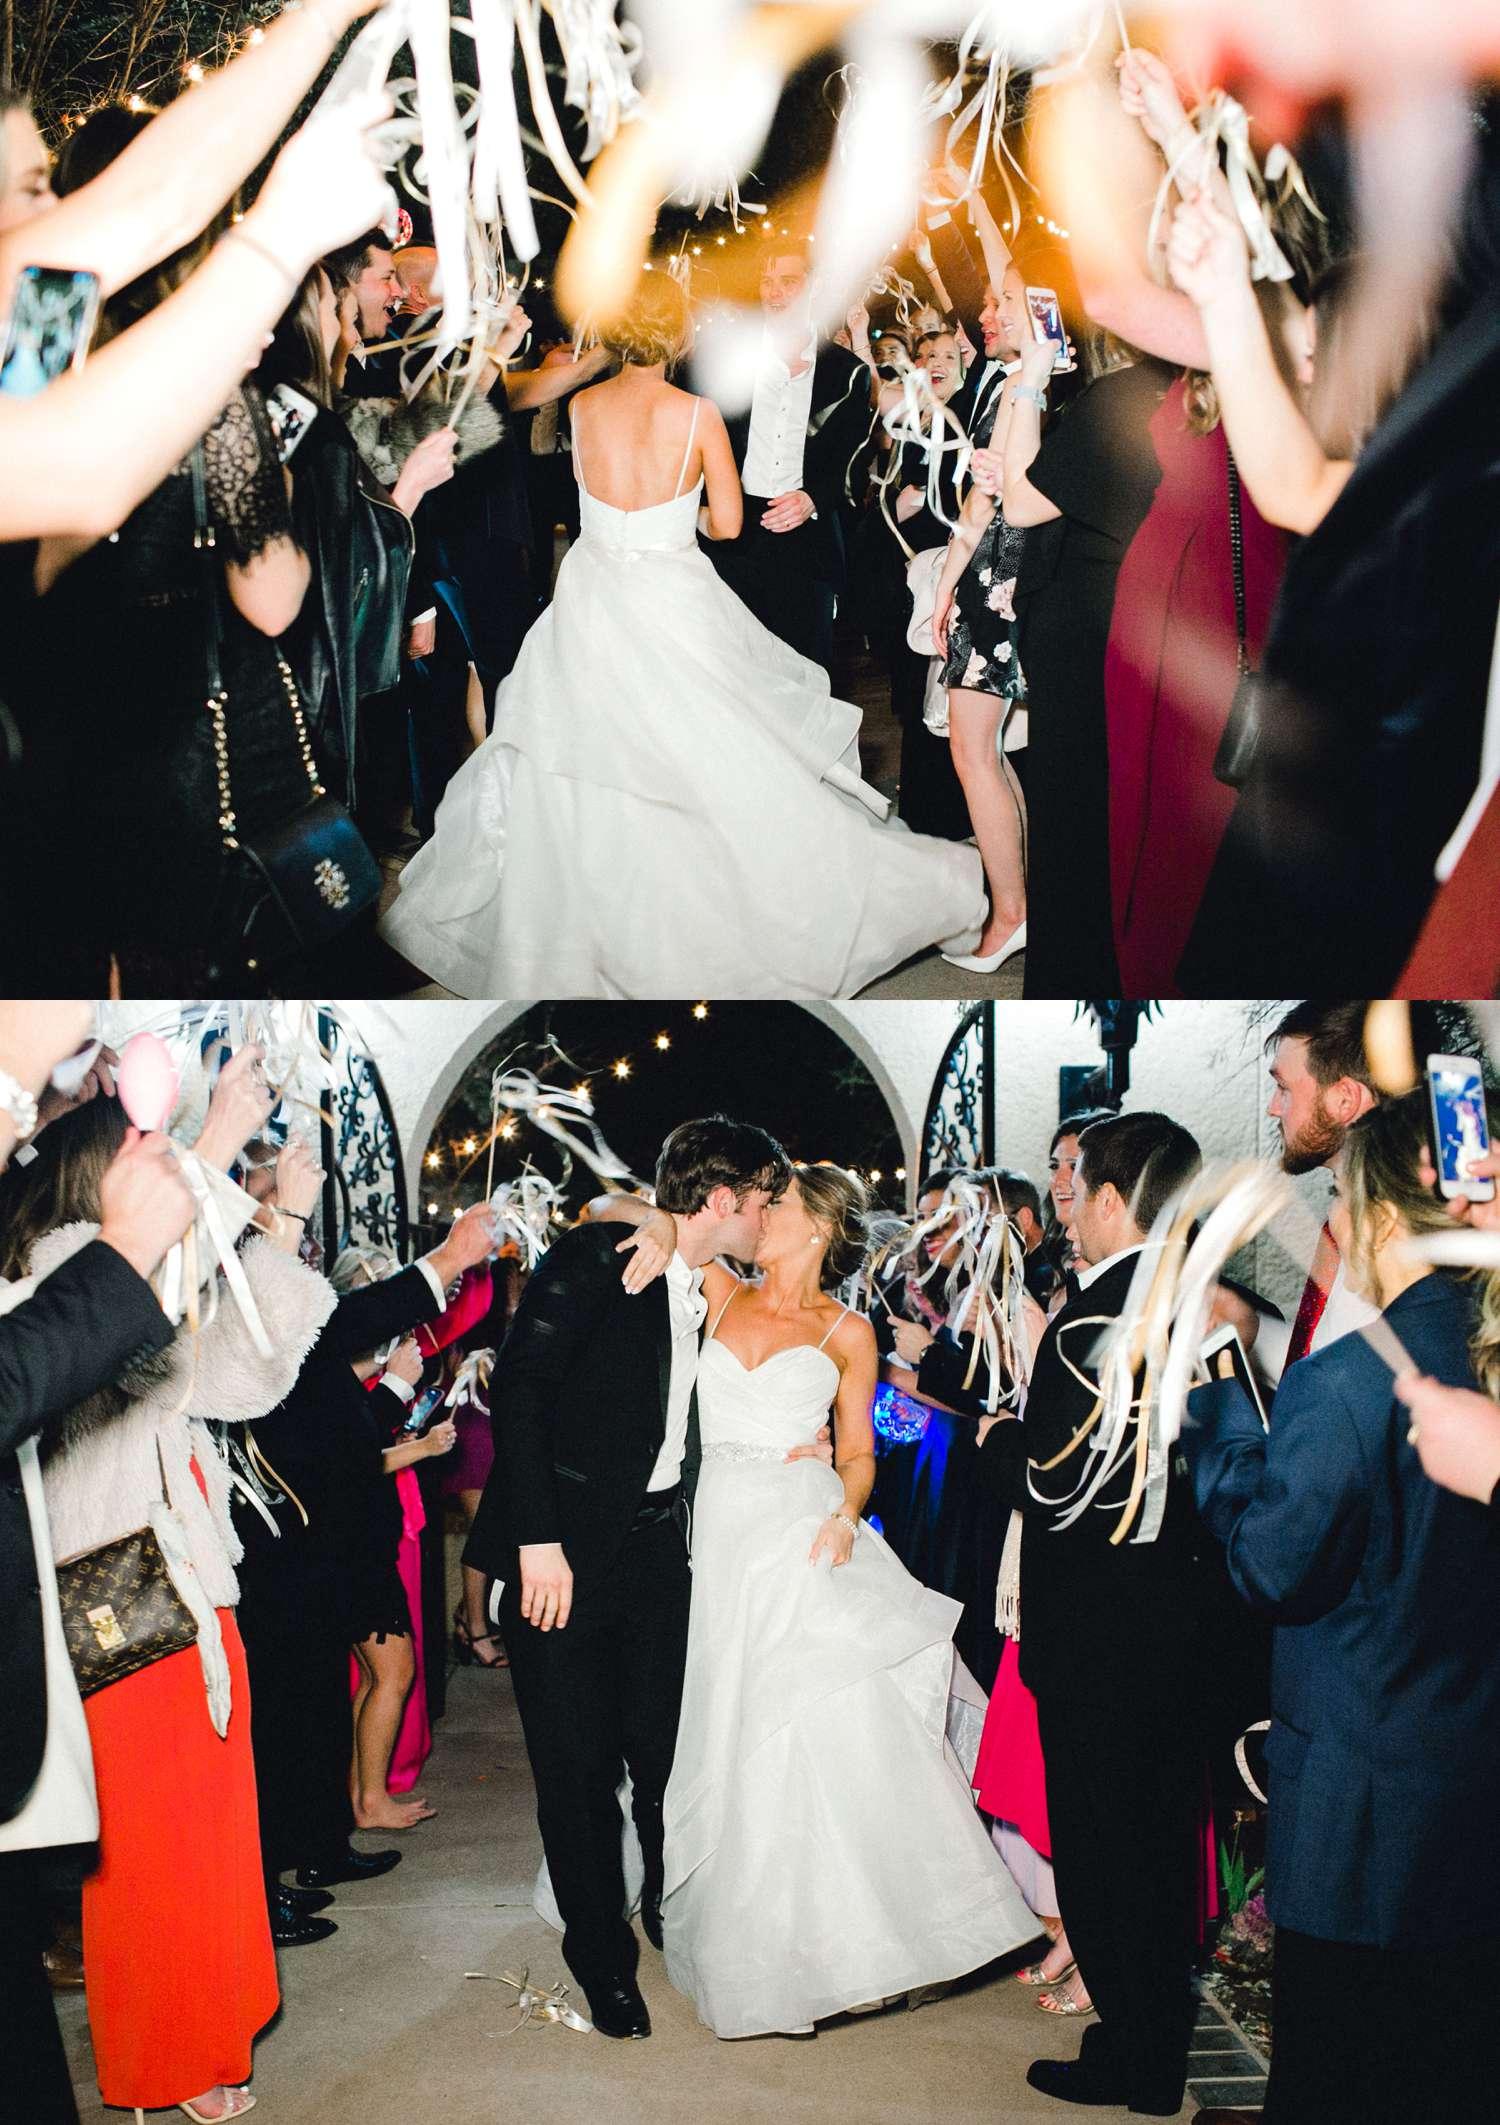 MARLEE+LLOYD+MORGAN+ALLEEJ+TEXAS+TECH+MERKET+ALUMNI+WEDDINGS+LUBBOCK+WEST+TABLE+CLASSIC+SPAIN_0316.jpg